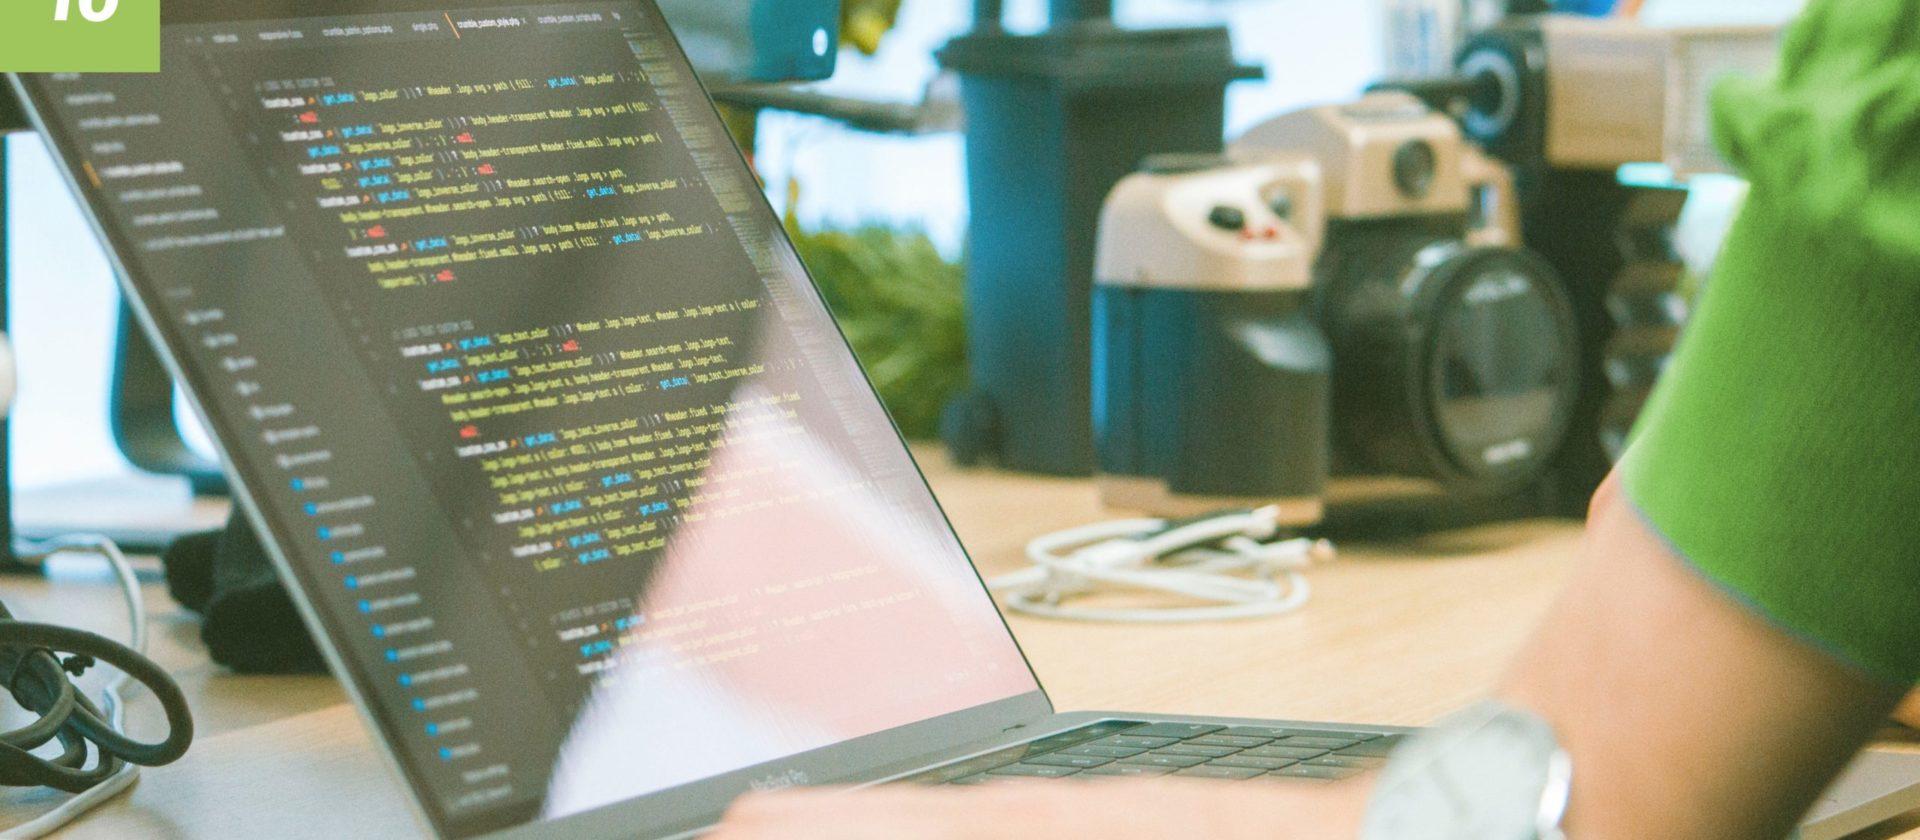 Konfiguration und Programmlogik in WordPress Plugins trennen